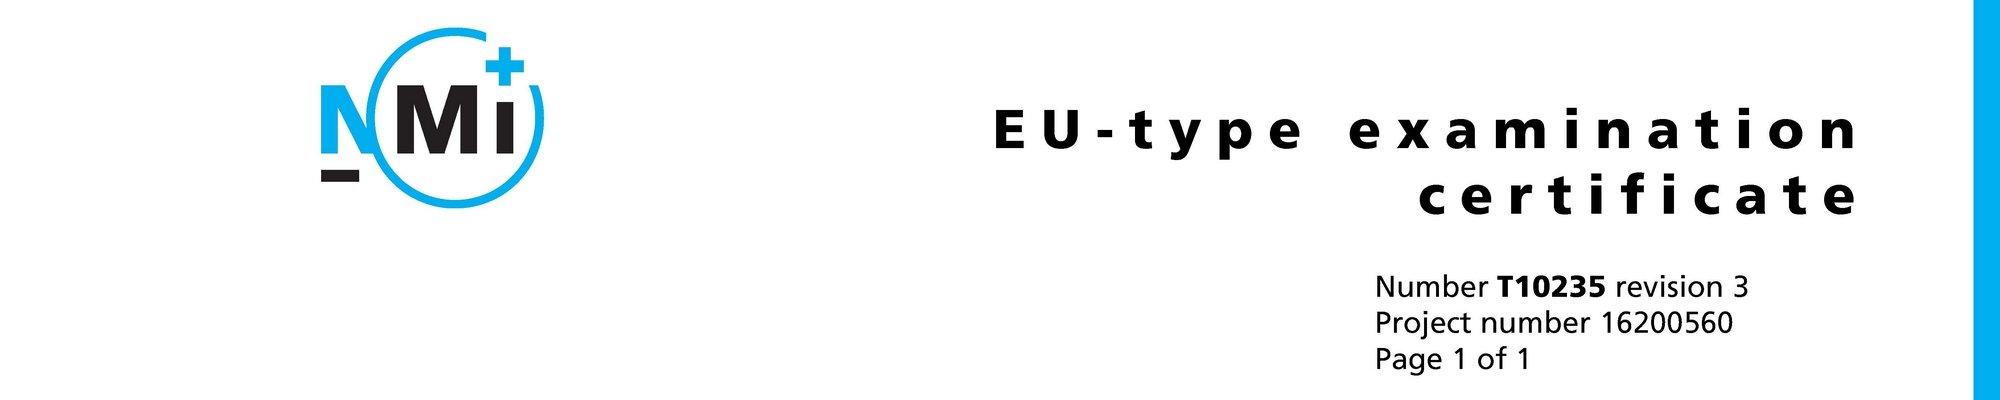 Een MID EU Type Examination Certificate voor een meetinstallatie voor handelsdoeleinden.